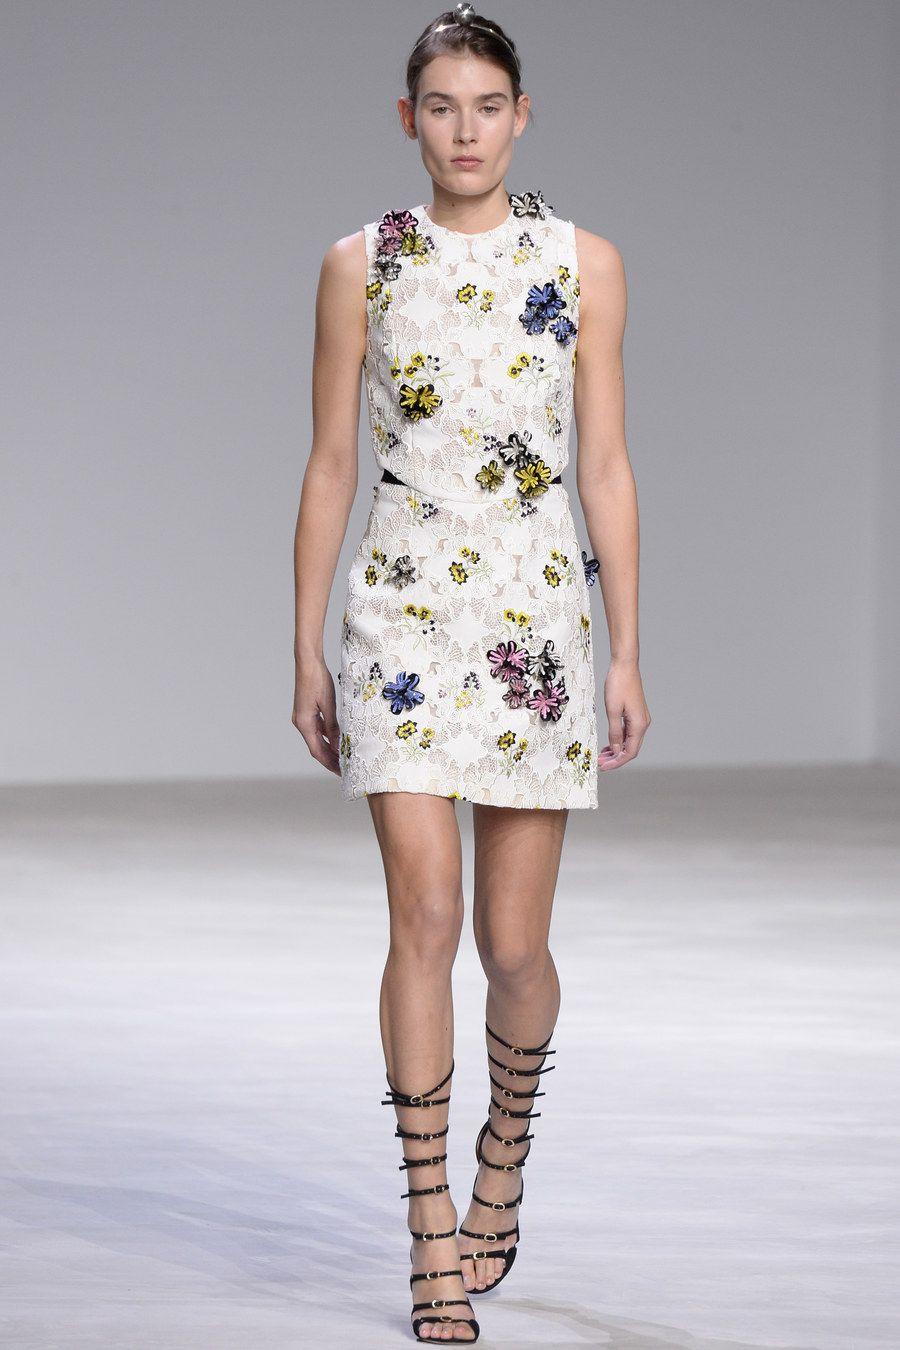 Giambattista Valli Couture Collection